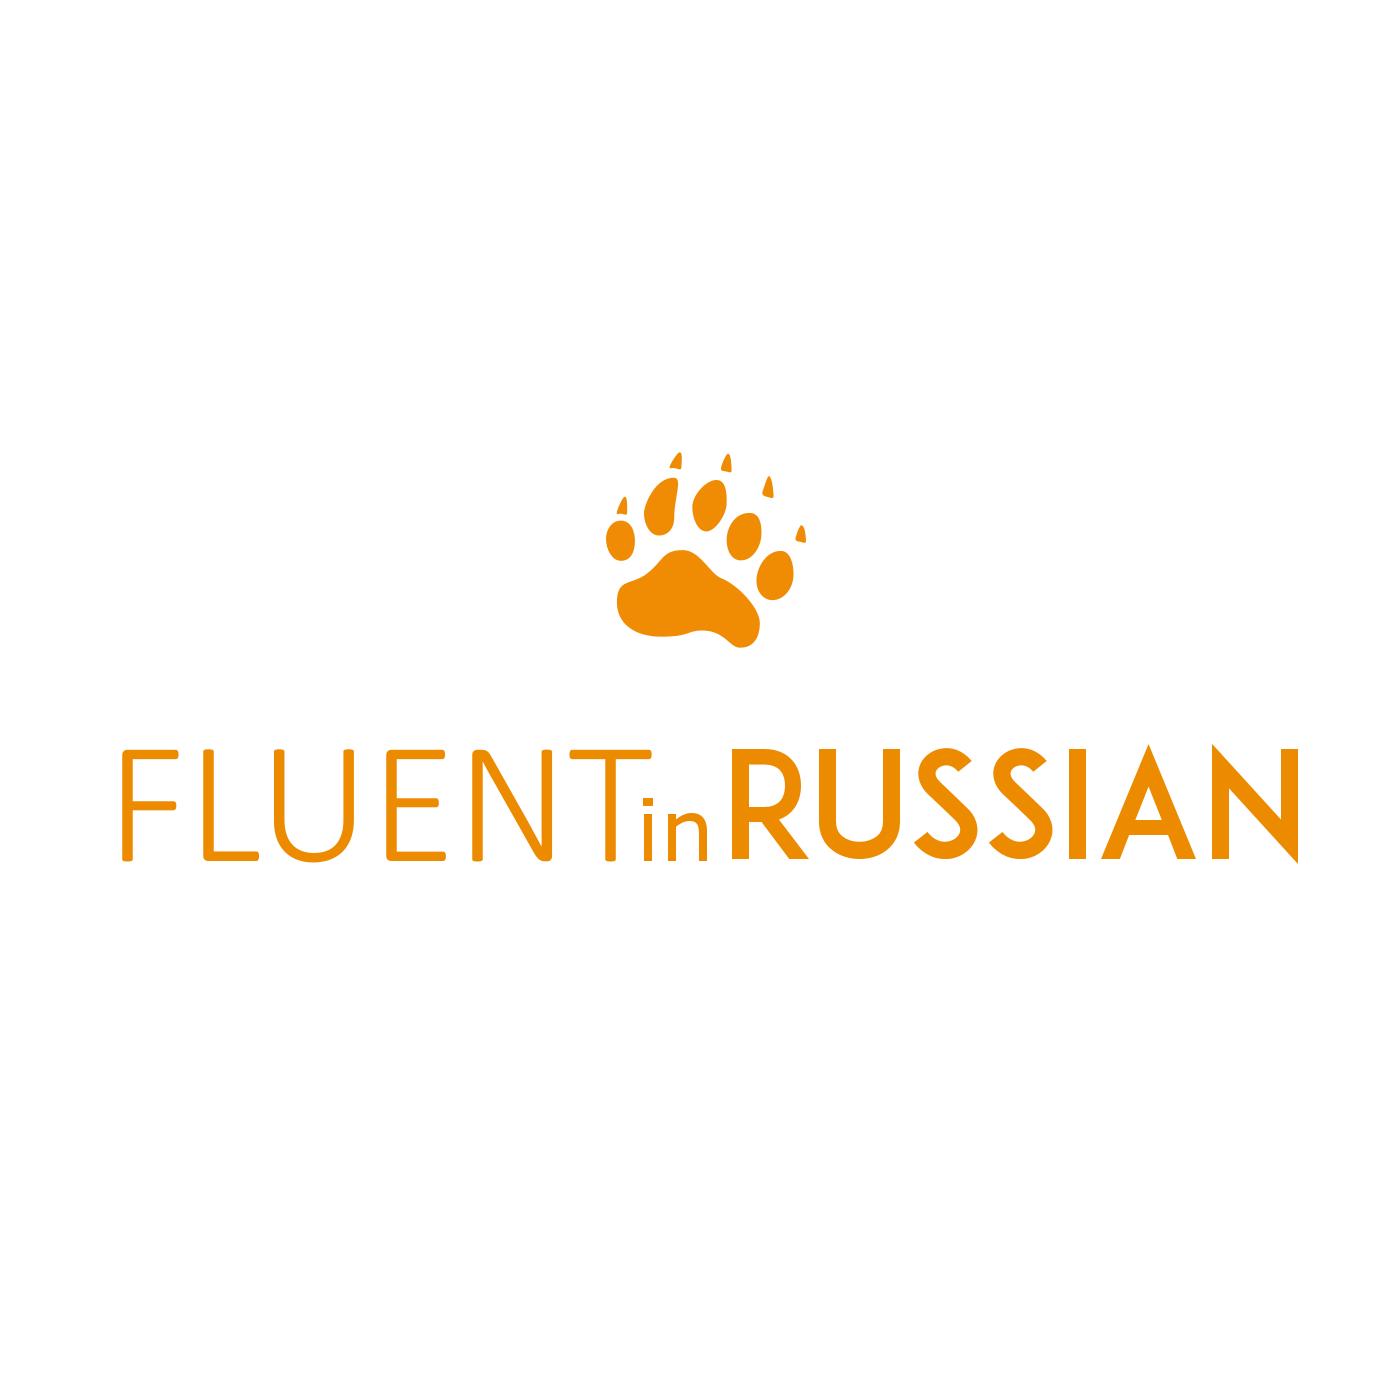 Learn Russian | Fluent in Russian